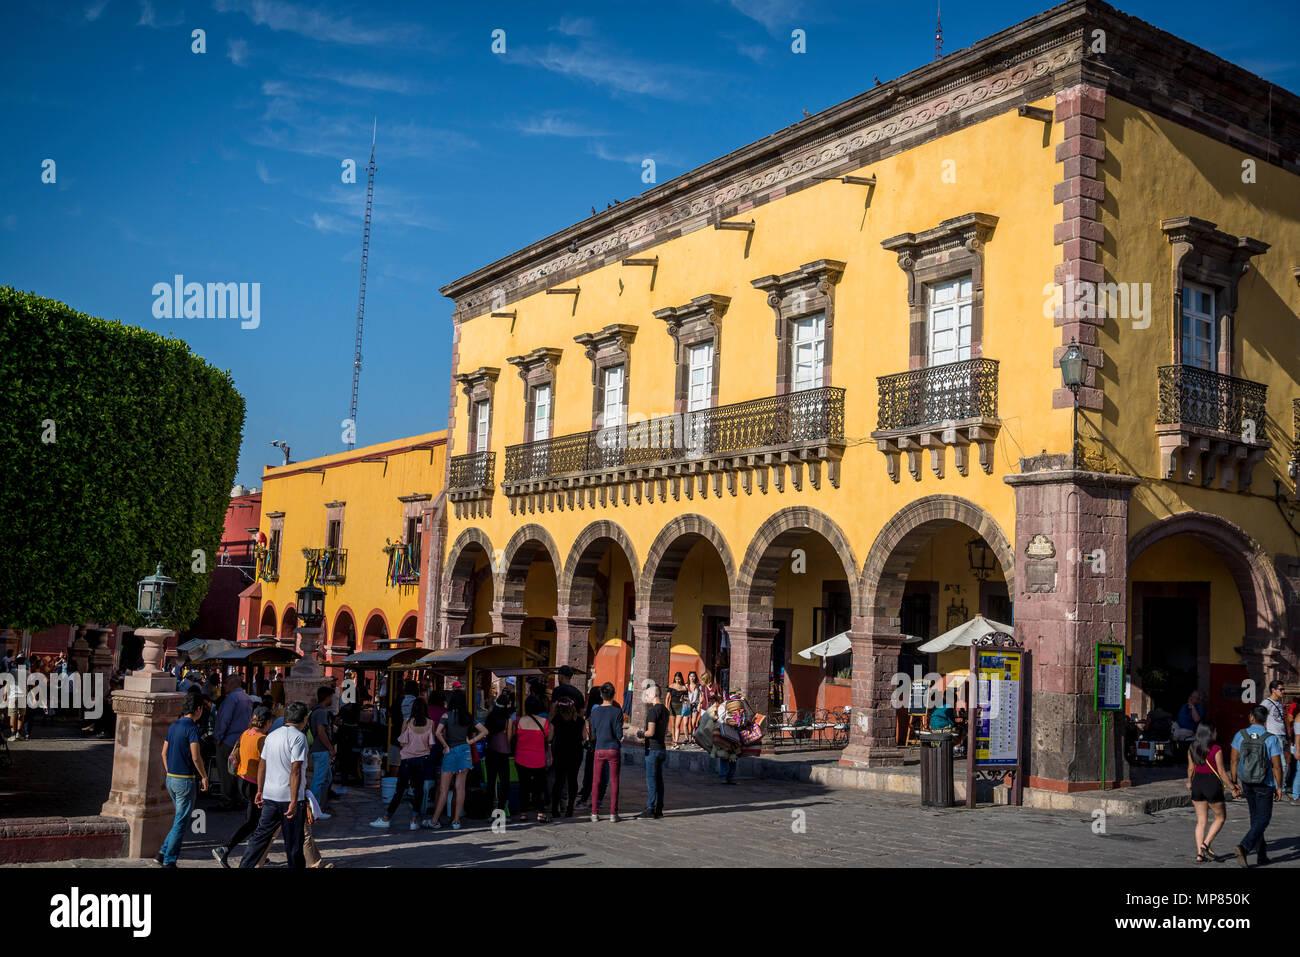 Building at El Jardin, Central plaza, San Miguel de Allende, a colonial-era city,  Bajío region, Central Mexico - Stock Image